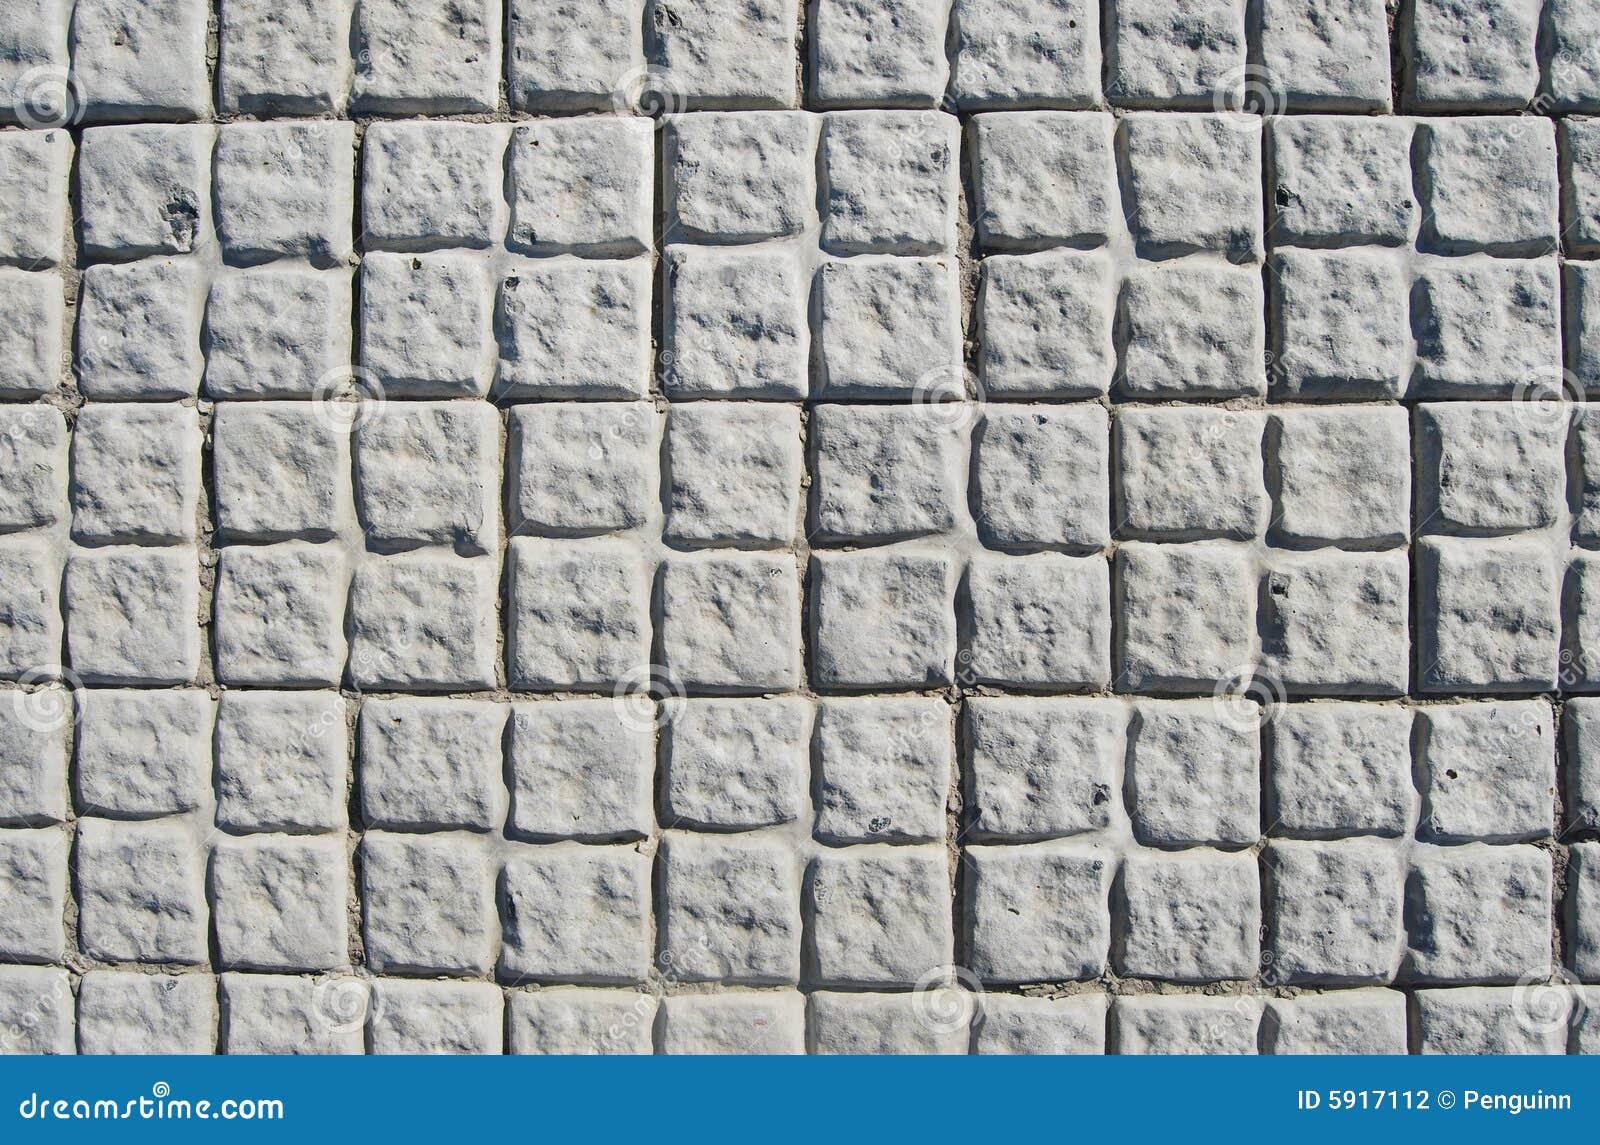 betonziegel preise preise f r betonziegel worauf zu achten ist monier frankfurter mauersteine. Black Bedroom Furniture Sets. Home Design Ideas